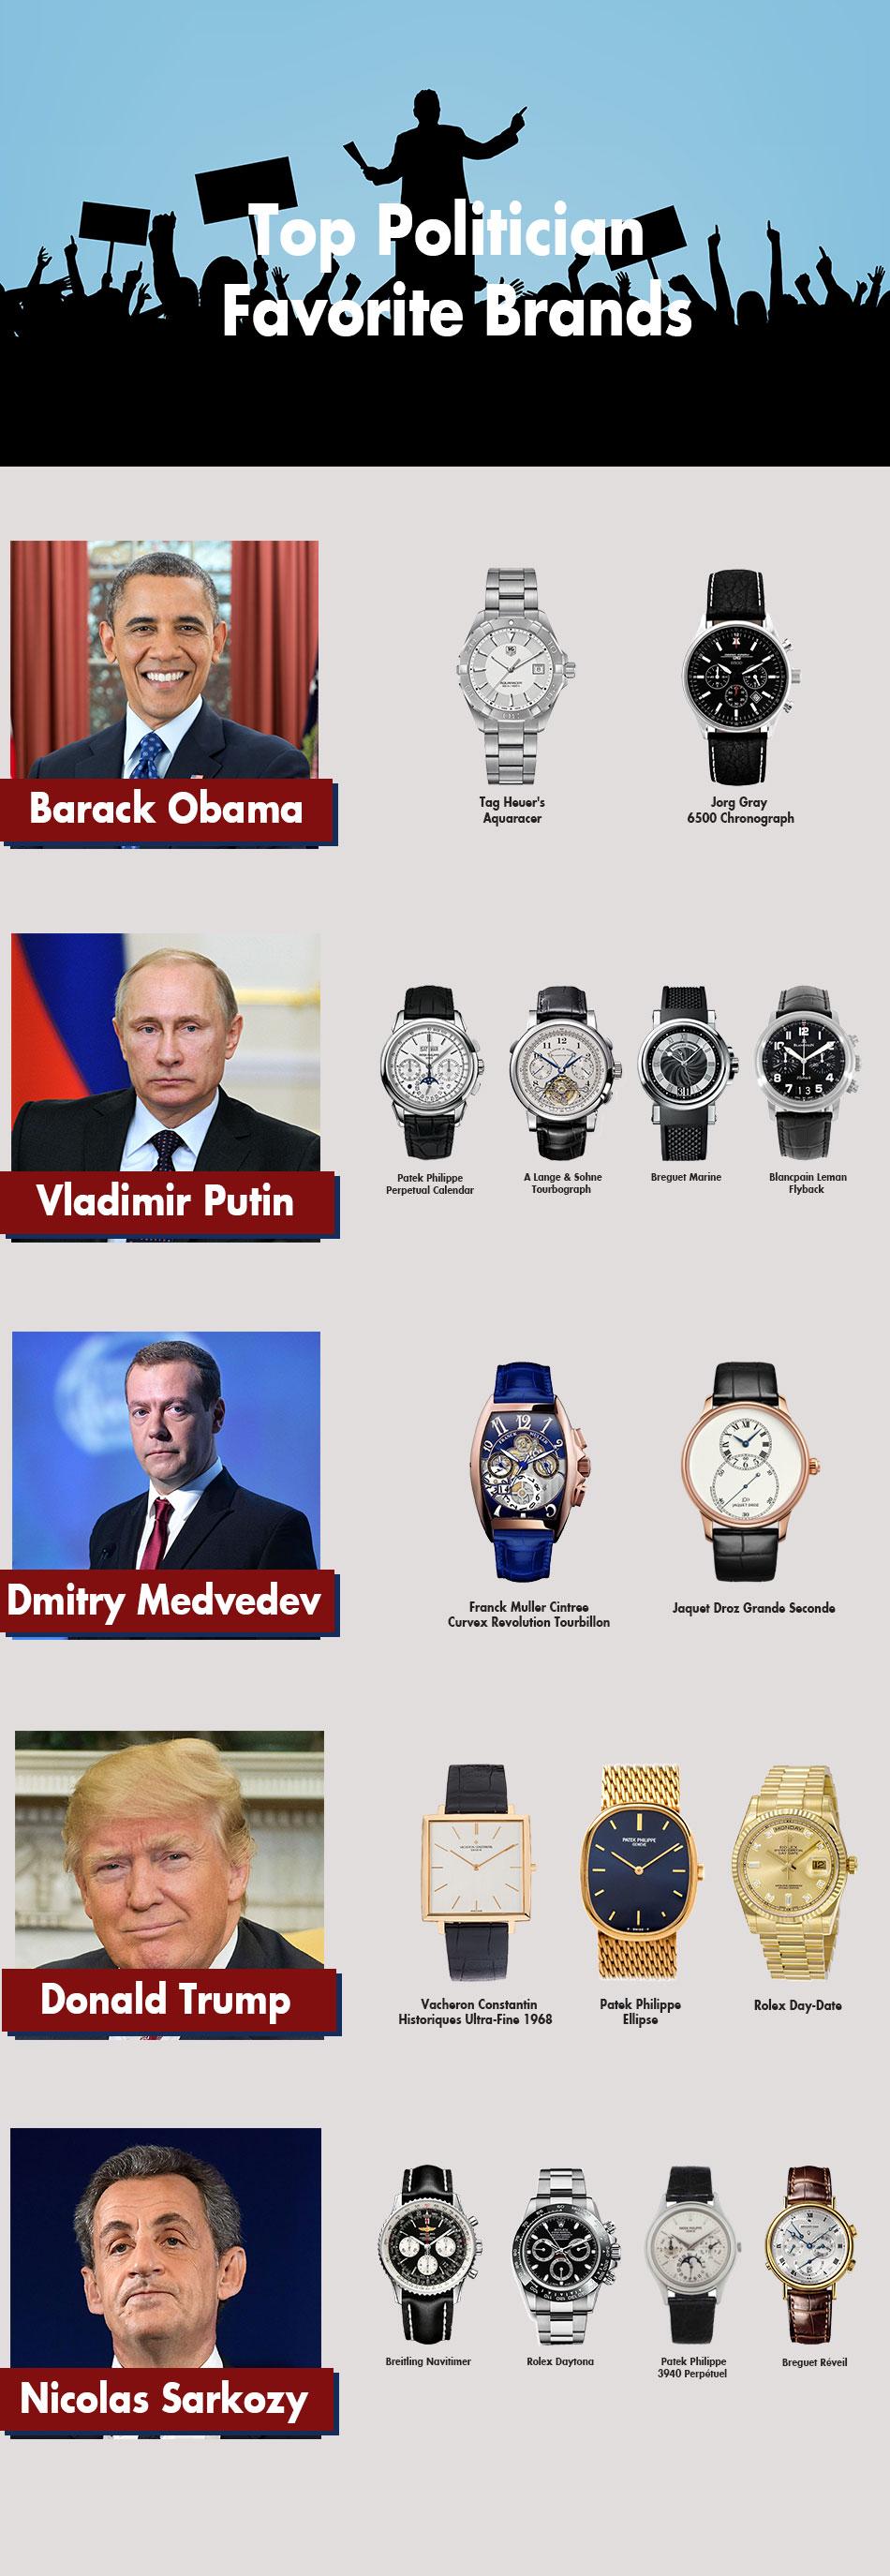 Tìm hiểu những chiếc đồng hồ của các Chính trị gia